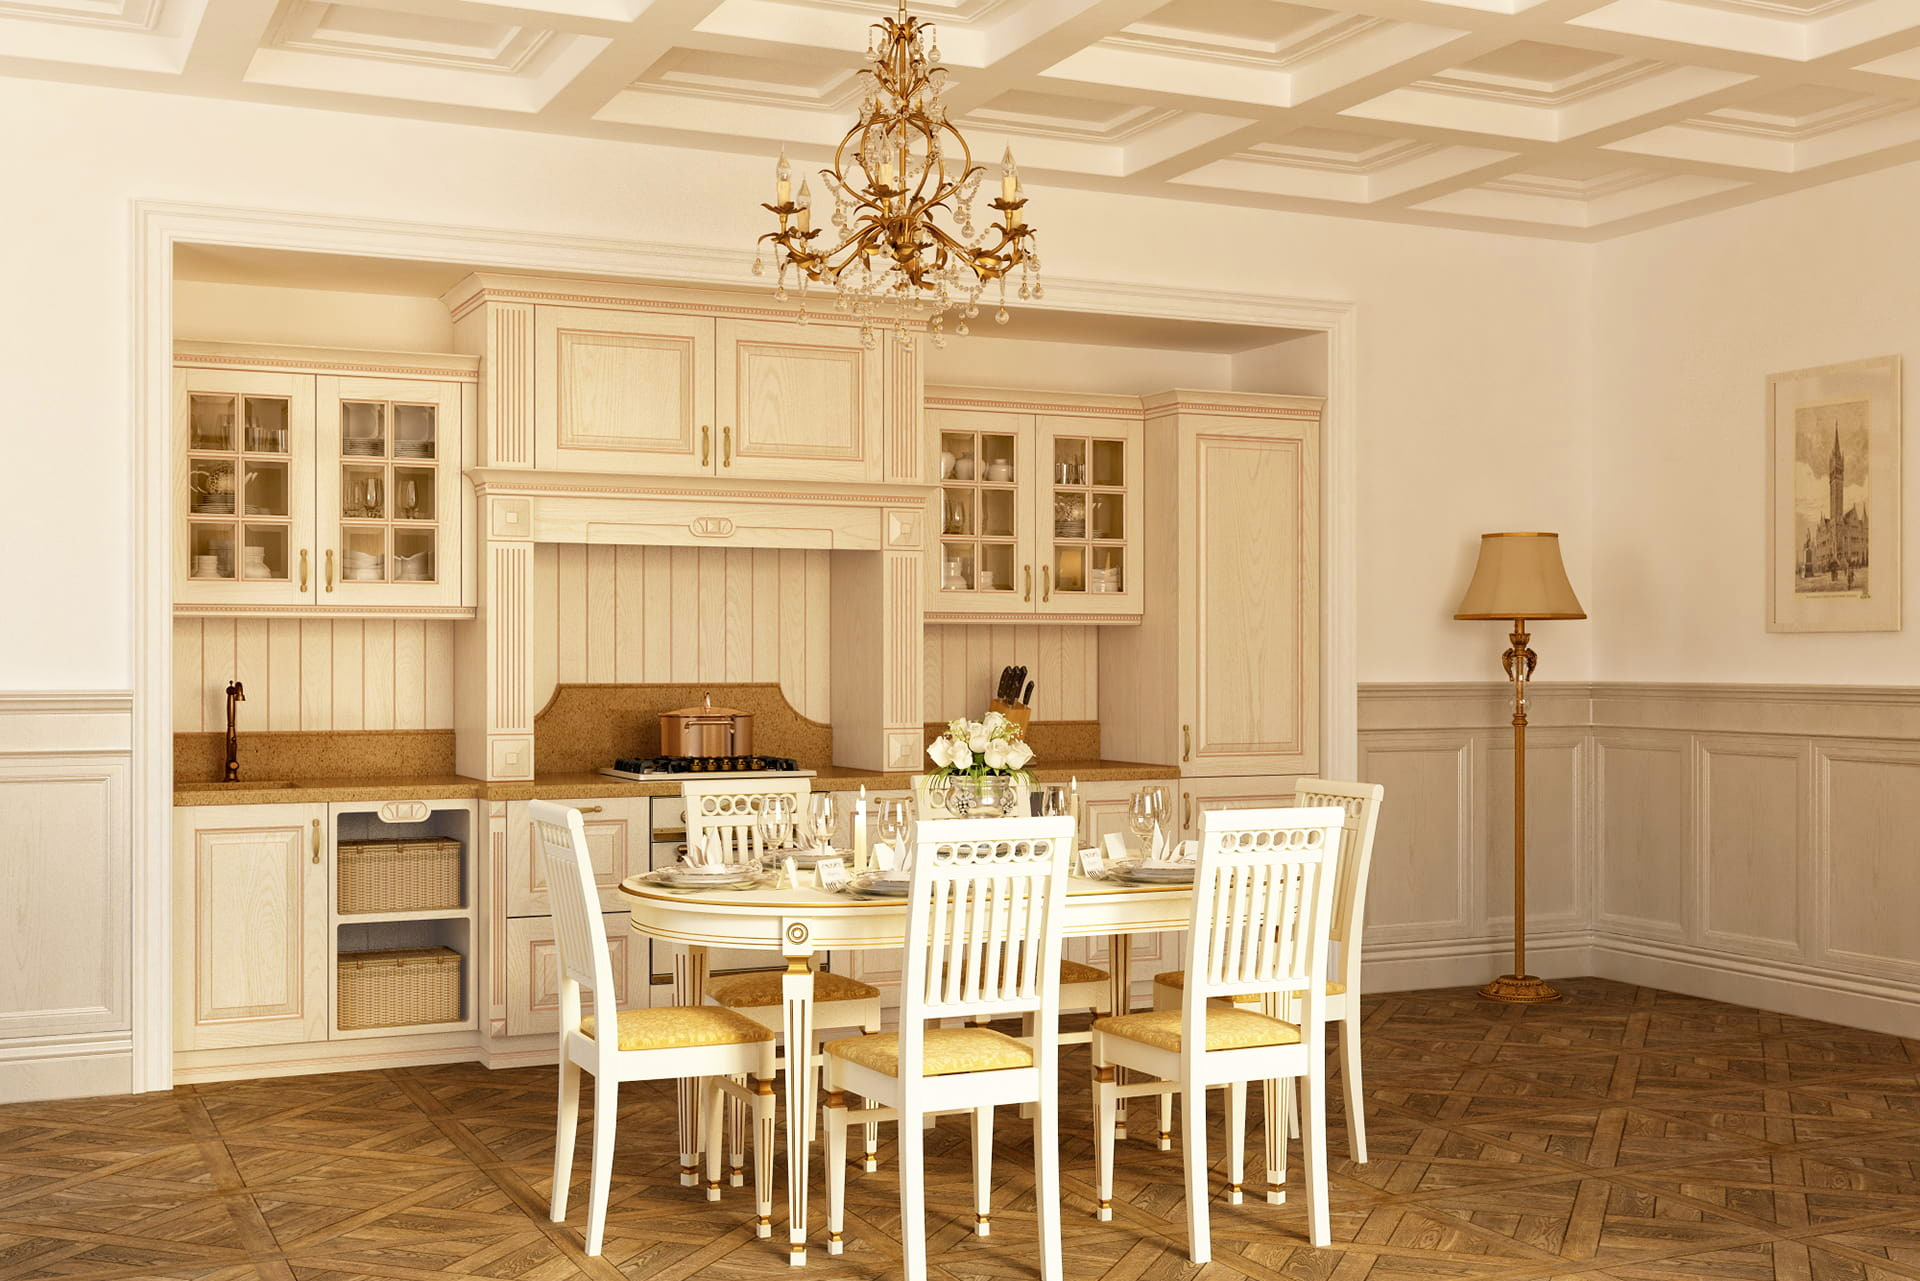 küchenzeile echtholz einbauküche landhausstil mediterran französische möbel